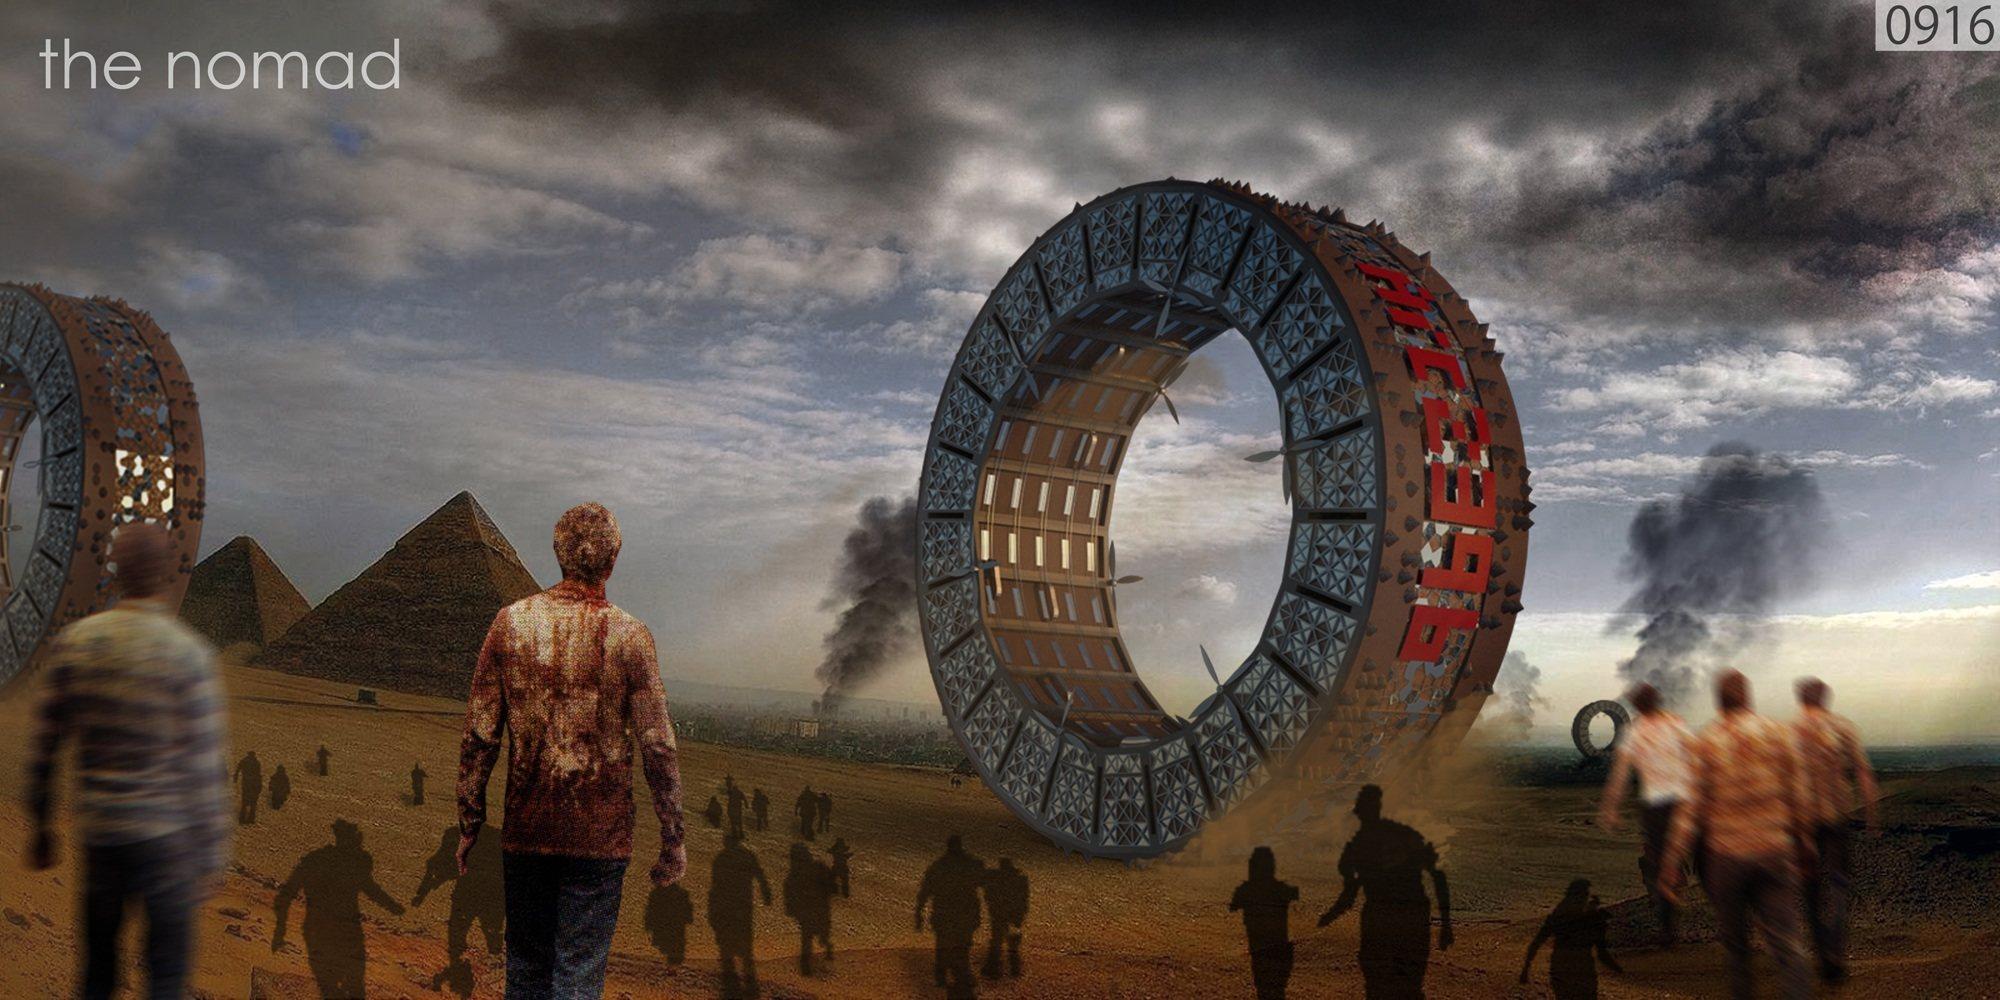 NOMAD: Edificio rodante anti-zombies (concepto)